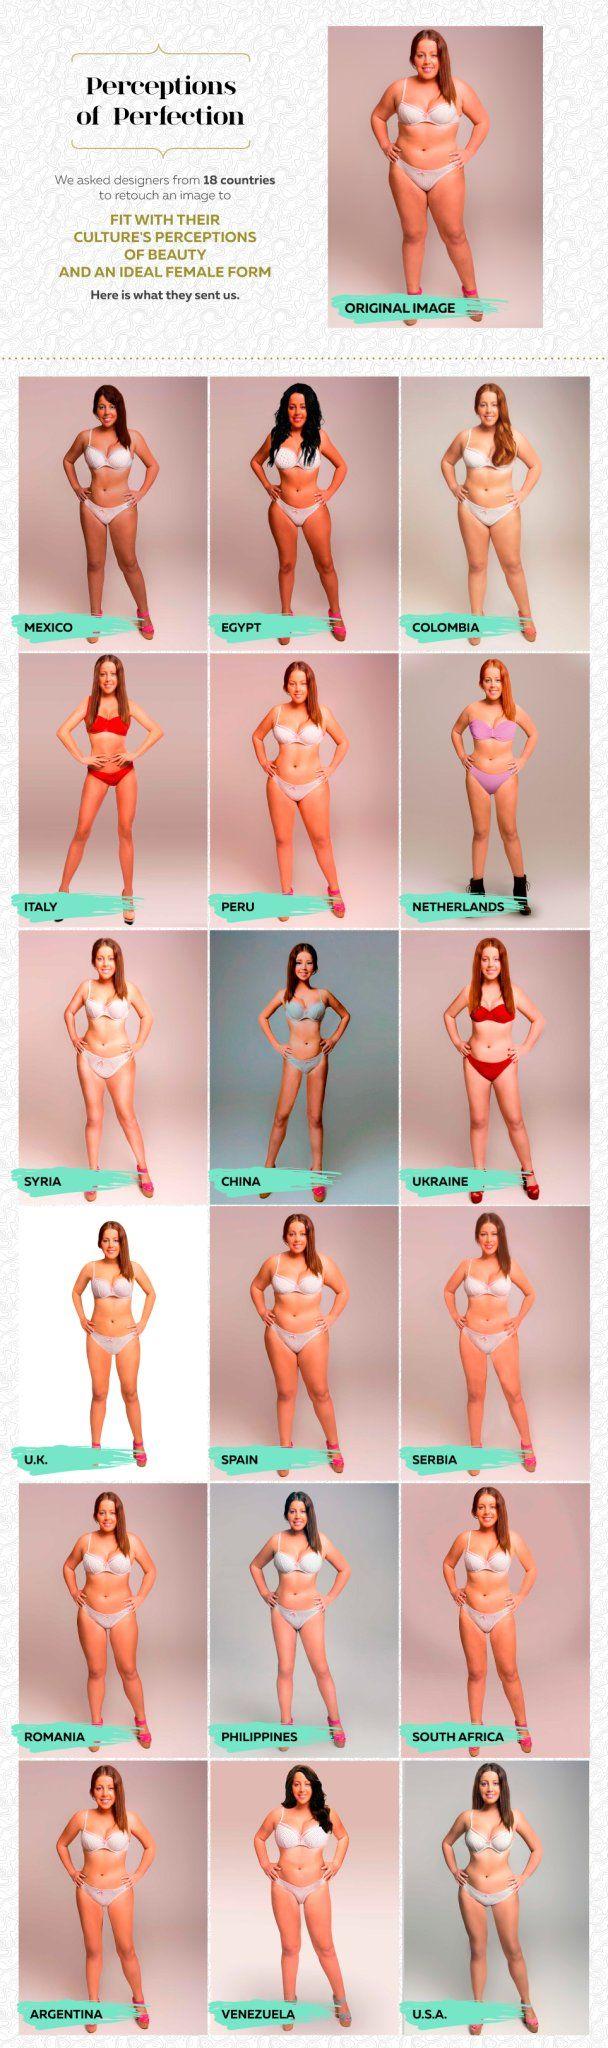 http://foch.pl/foch/56,134641,18558601,postrzeganie-piekna-jak-wyglada-idealne-kobiece-cialo-w.html